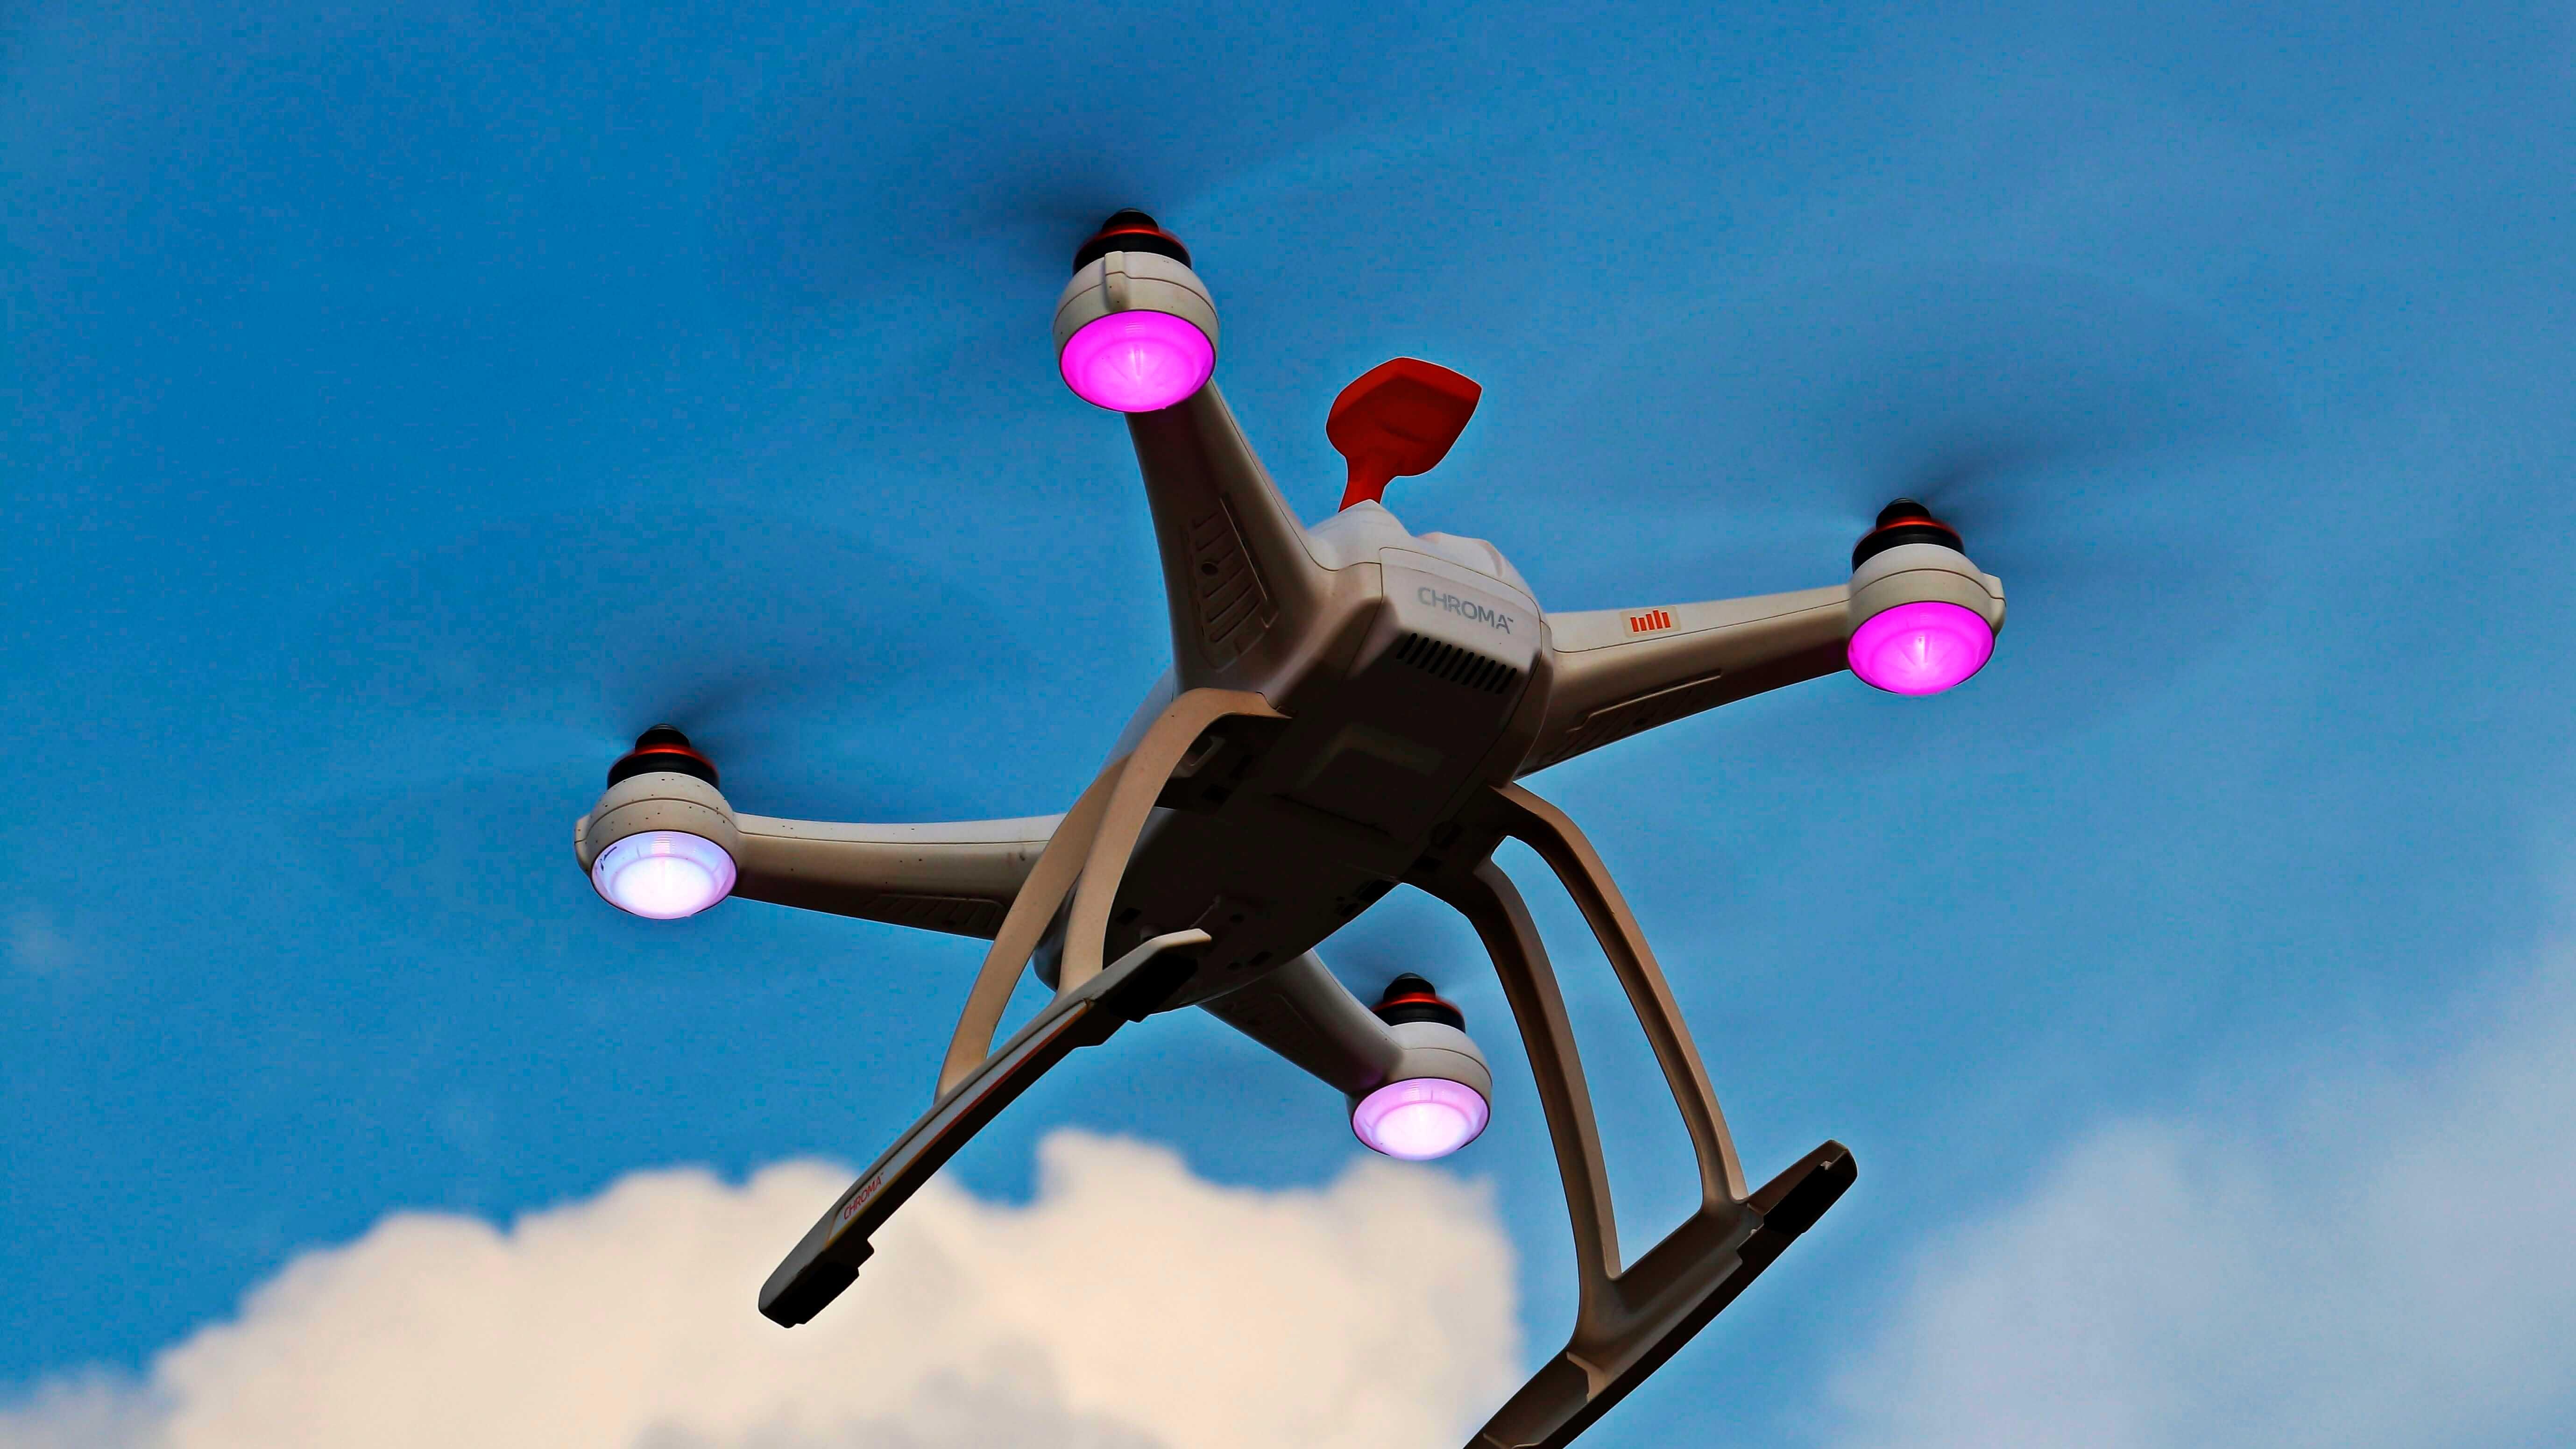 Como a IoT está criando um mundo hiperconectado? - Drone voando durante o dia.